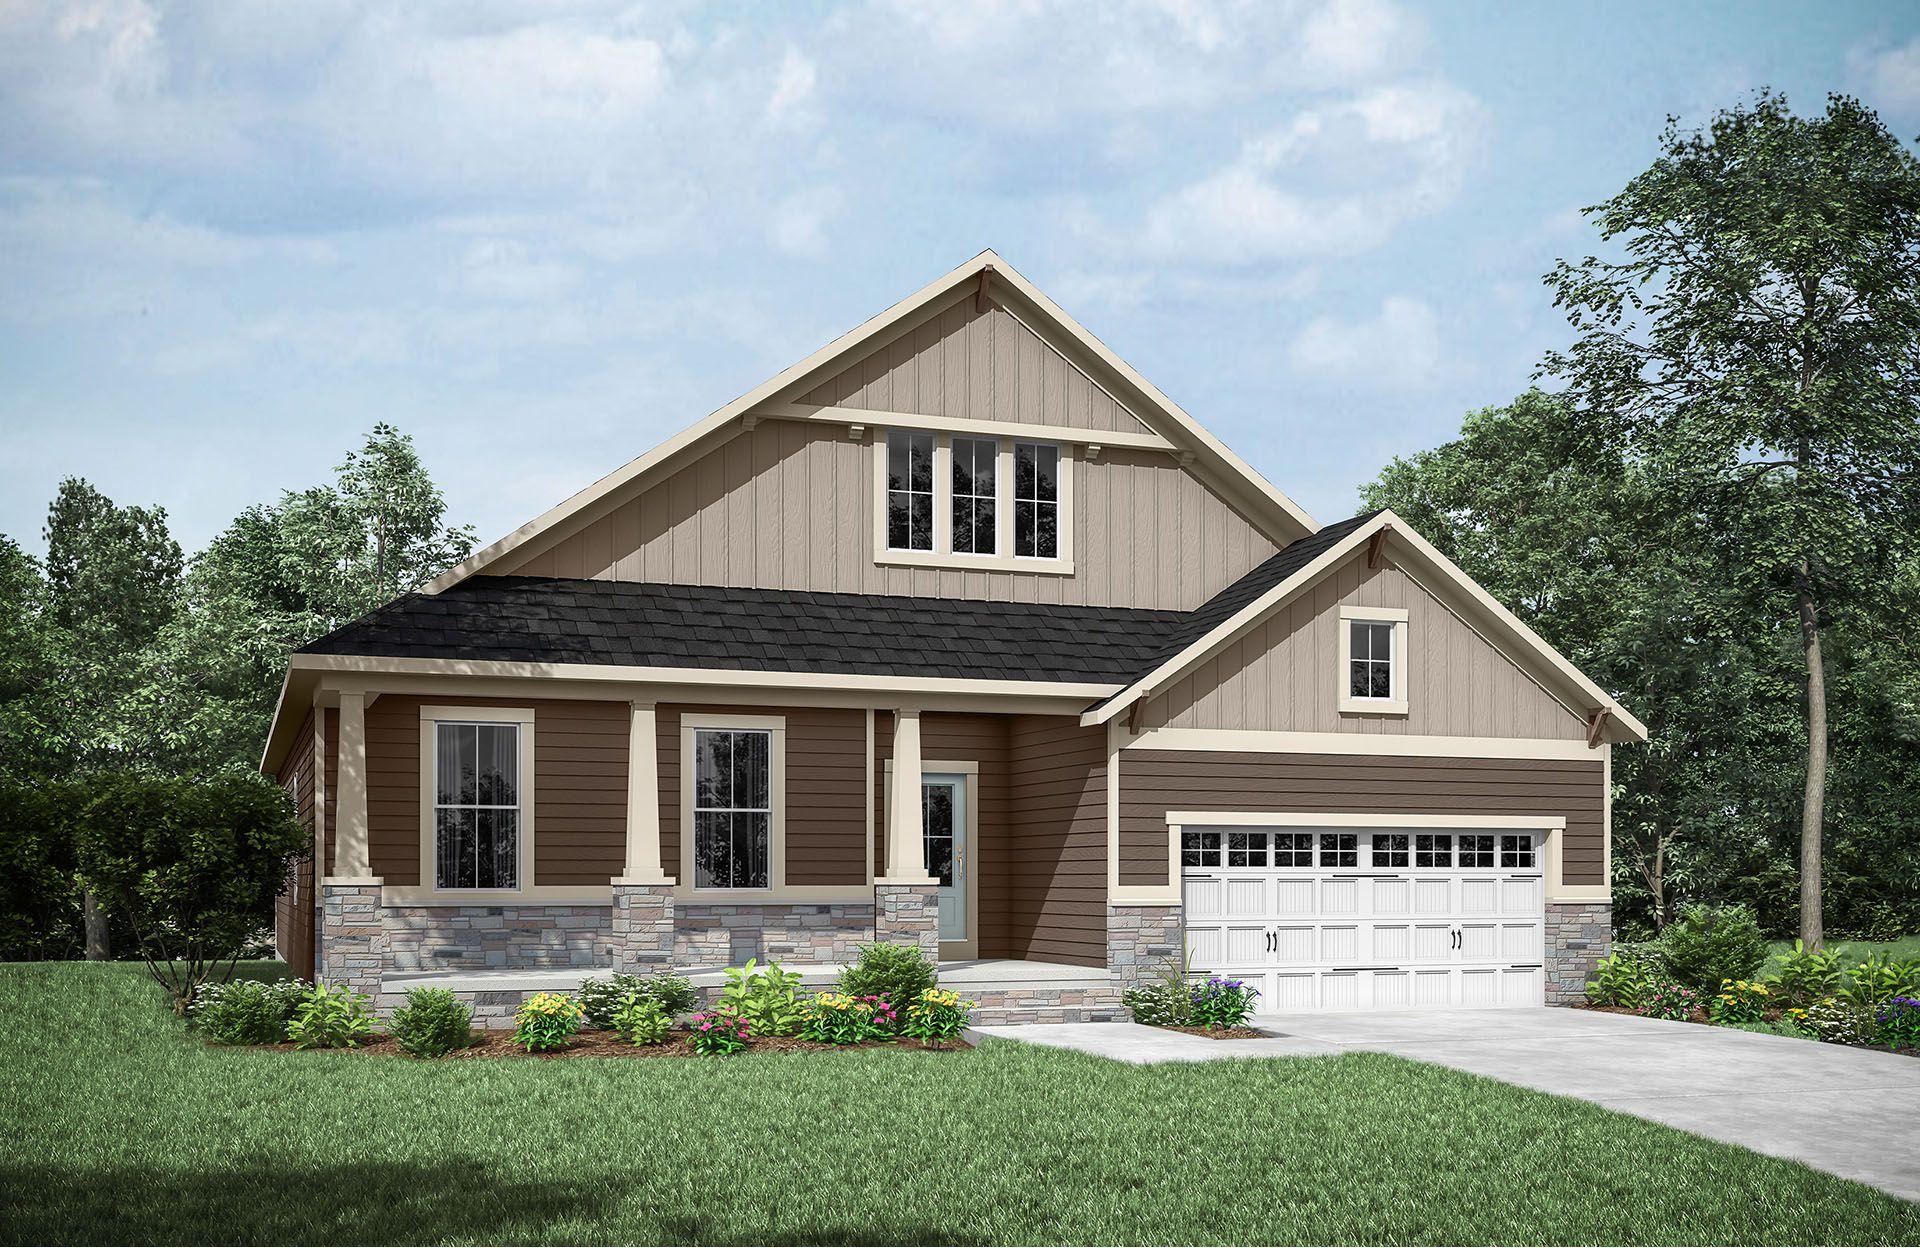 Woodbury B:Woodbury B with side-entry garage